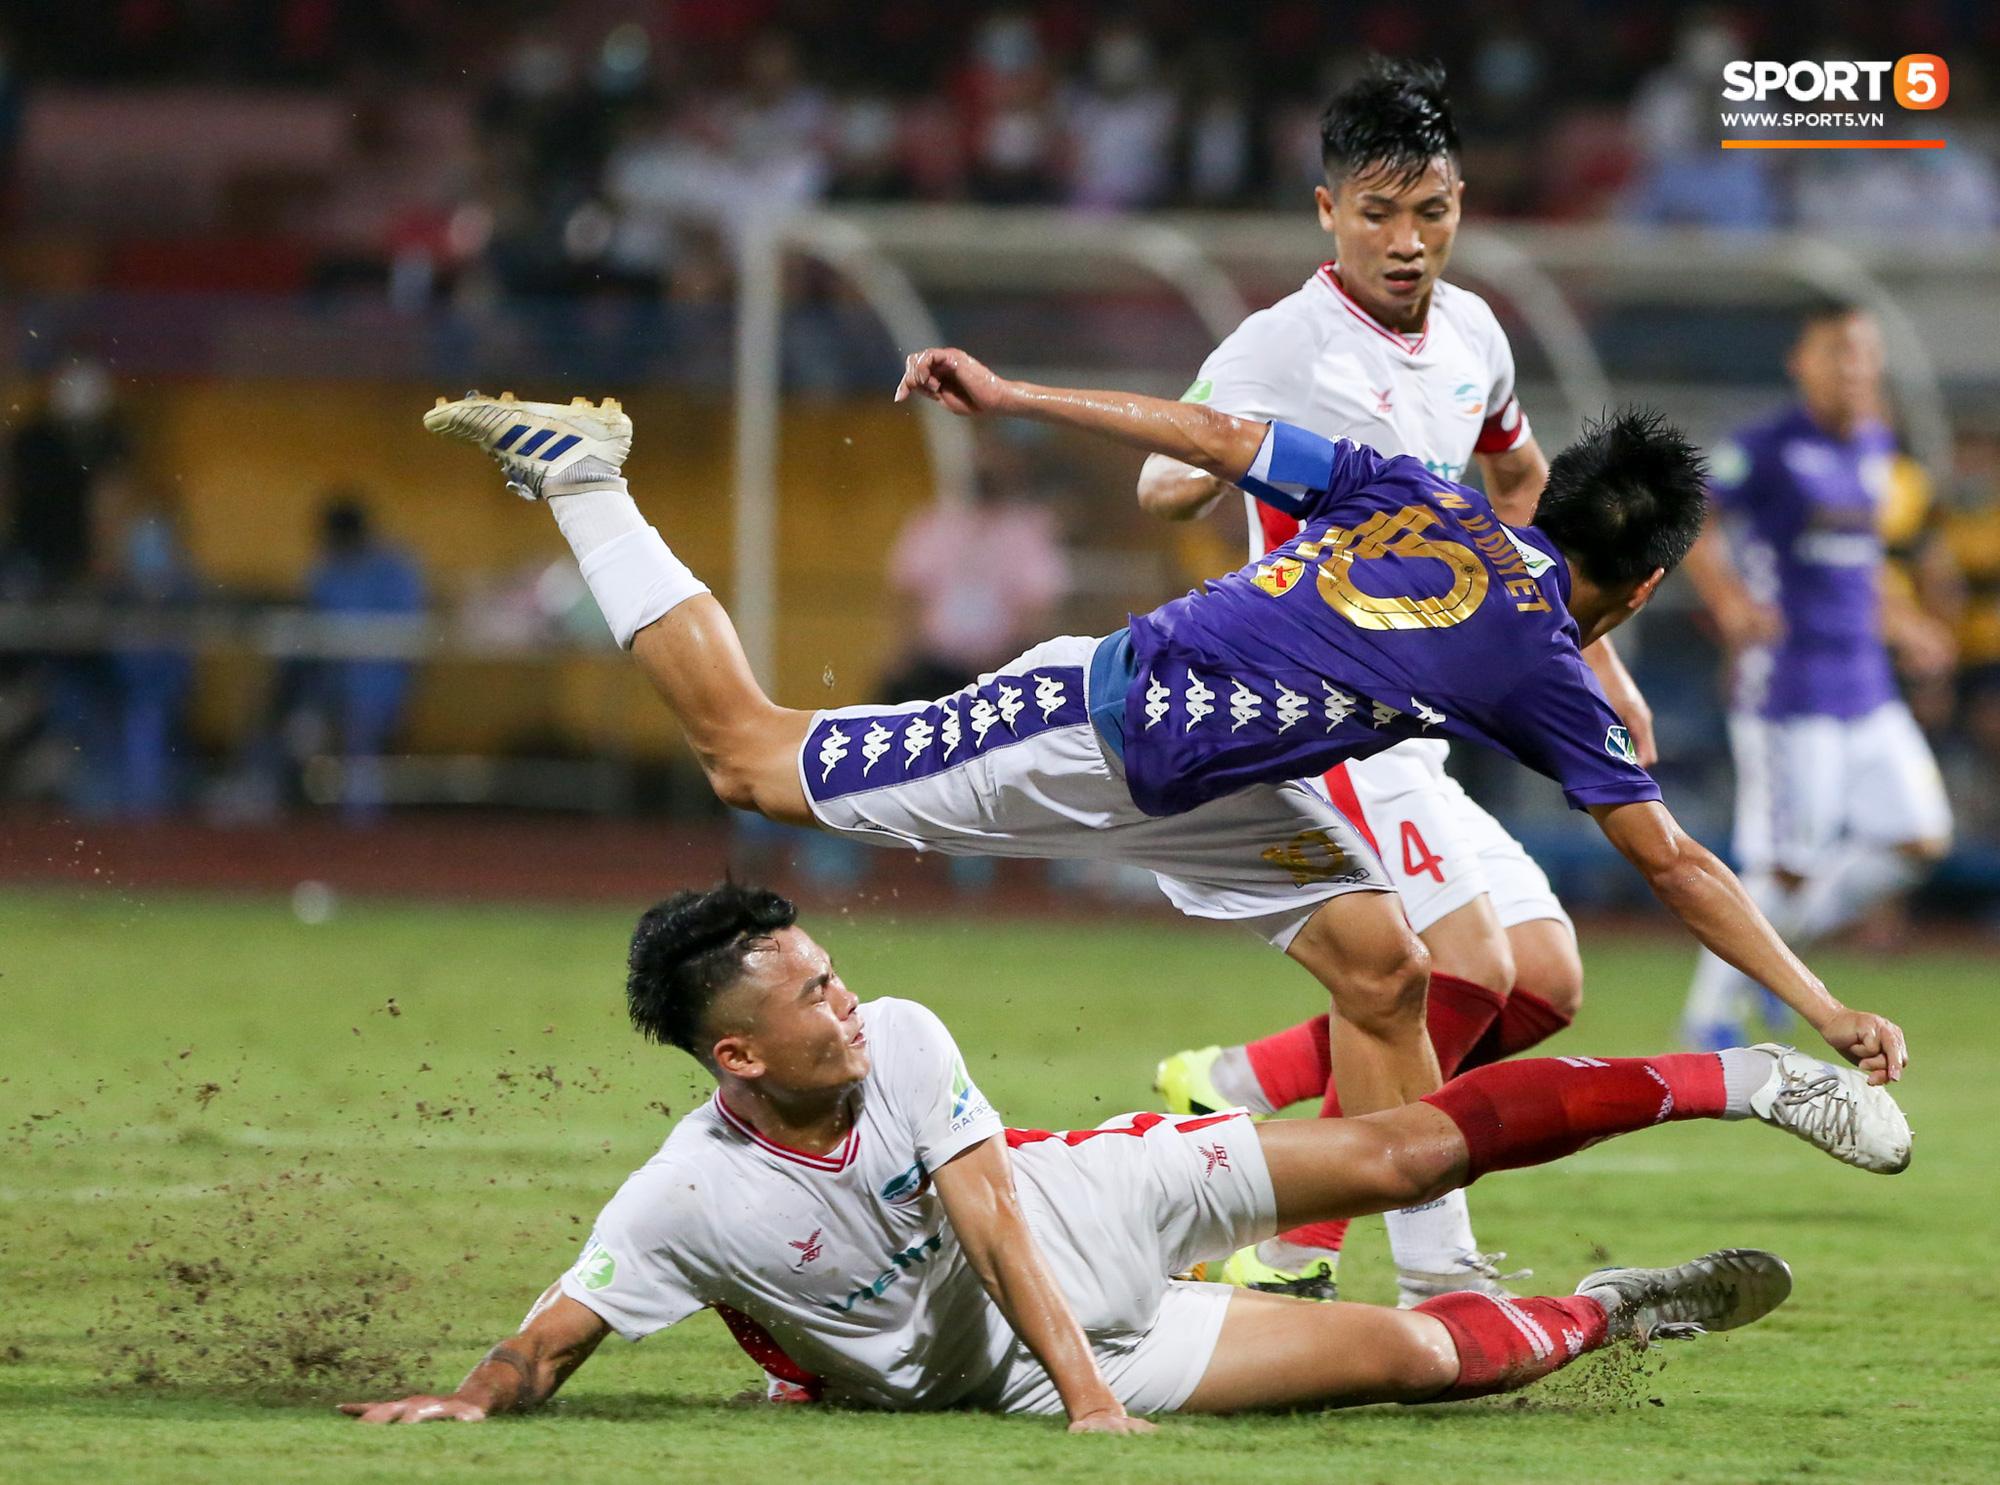 Không cản được Quang Hải, Tiến Dũng và Quế Ngọc Hải đừng mơ vô địch V.League 2020 - Ảnh 1.